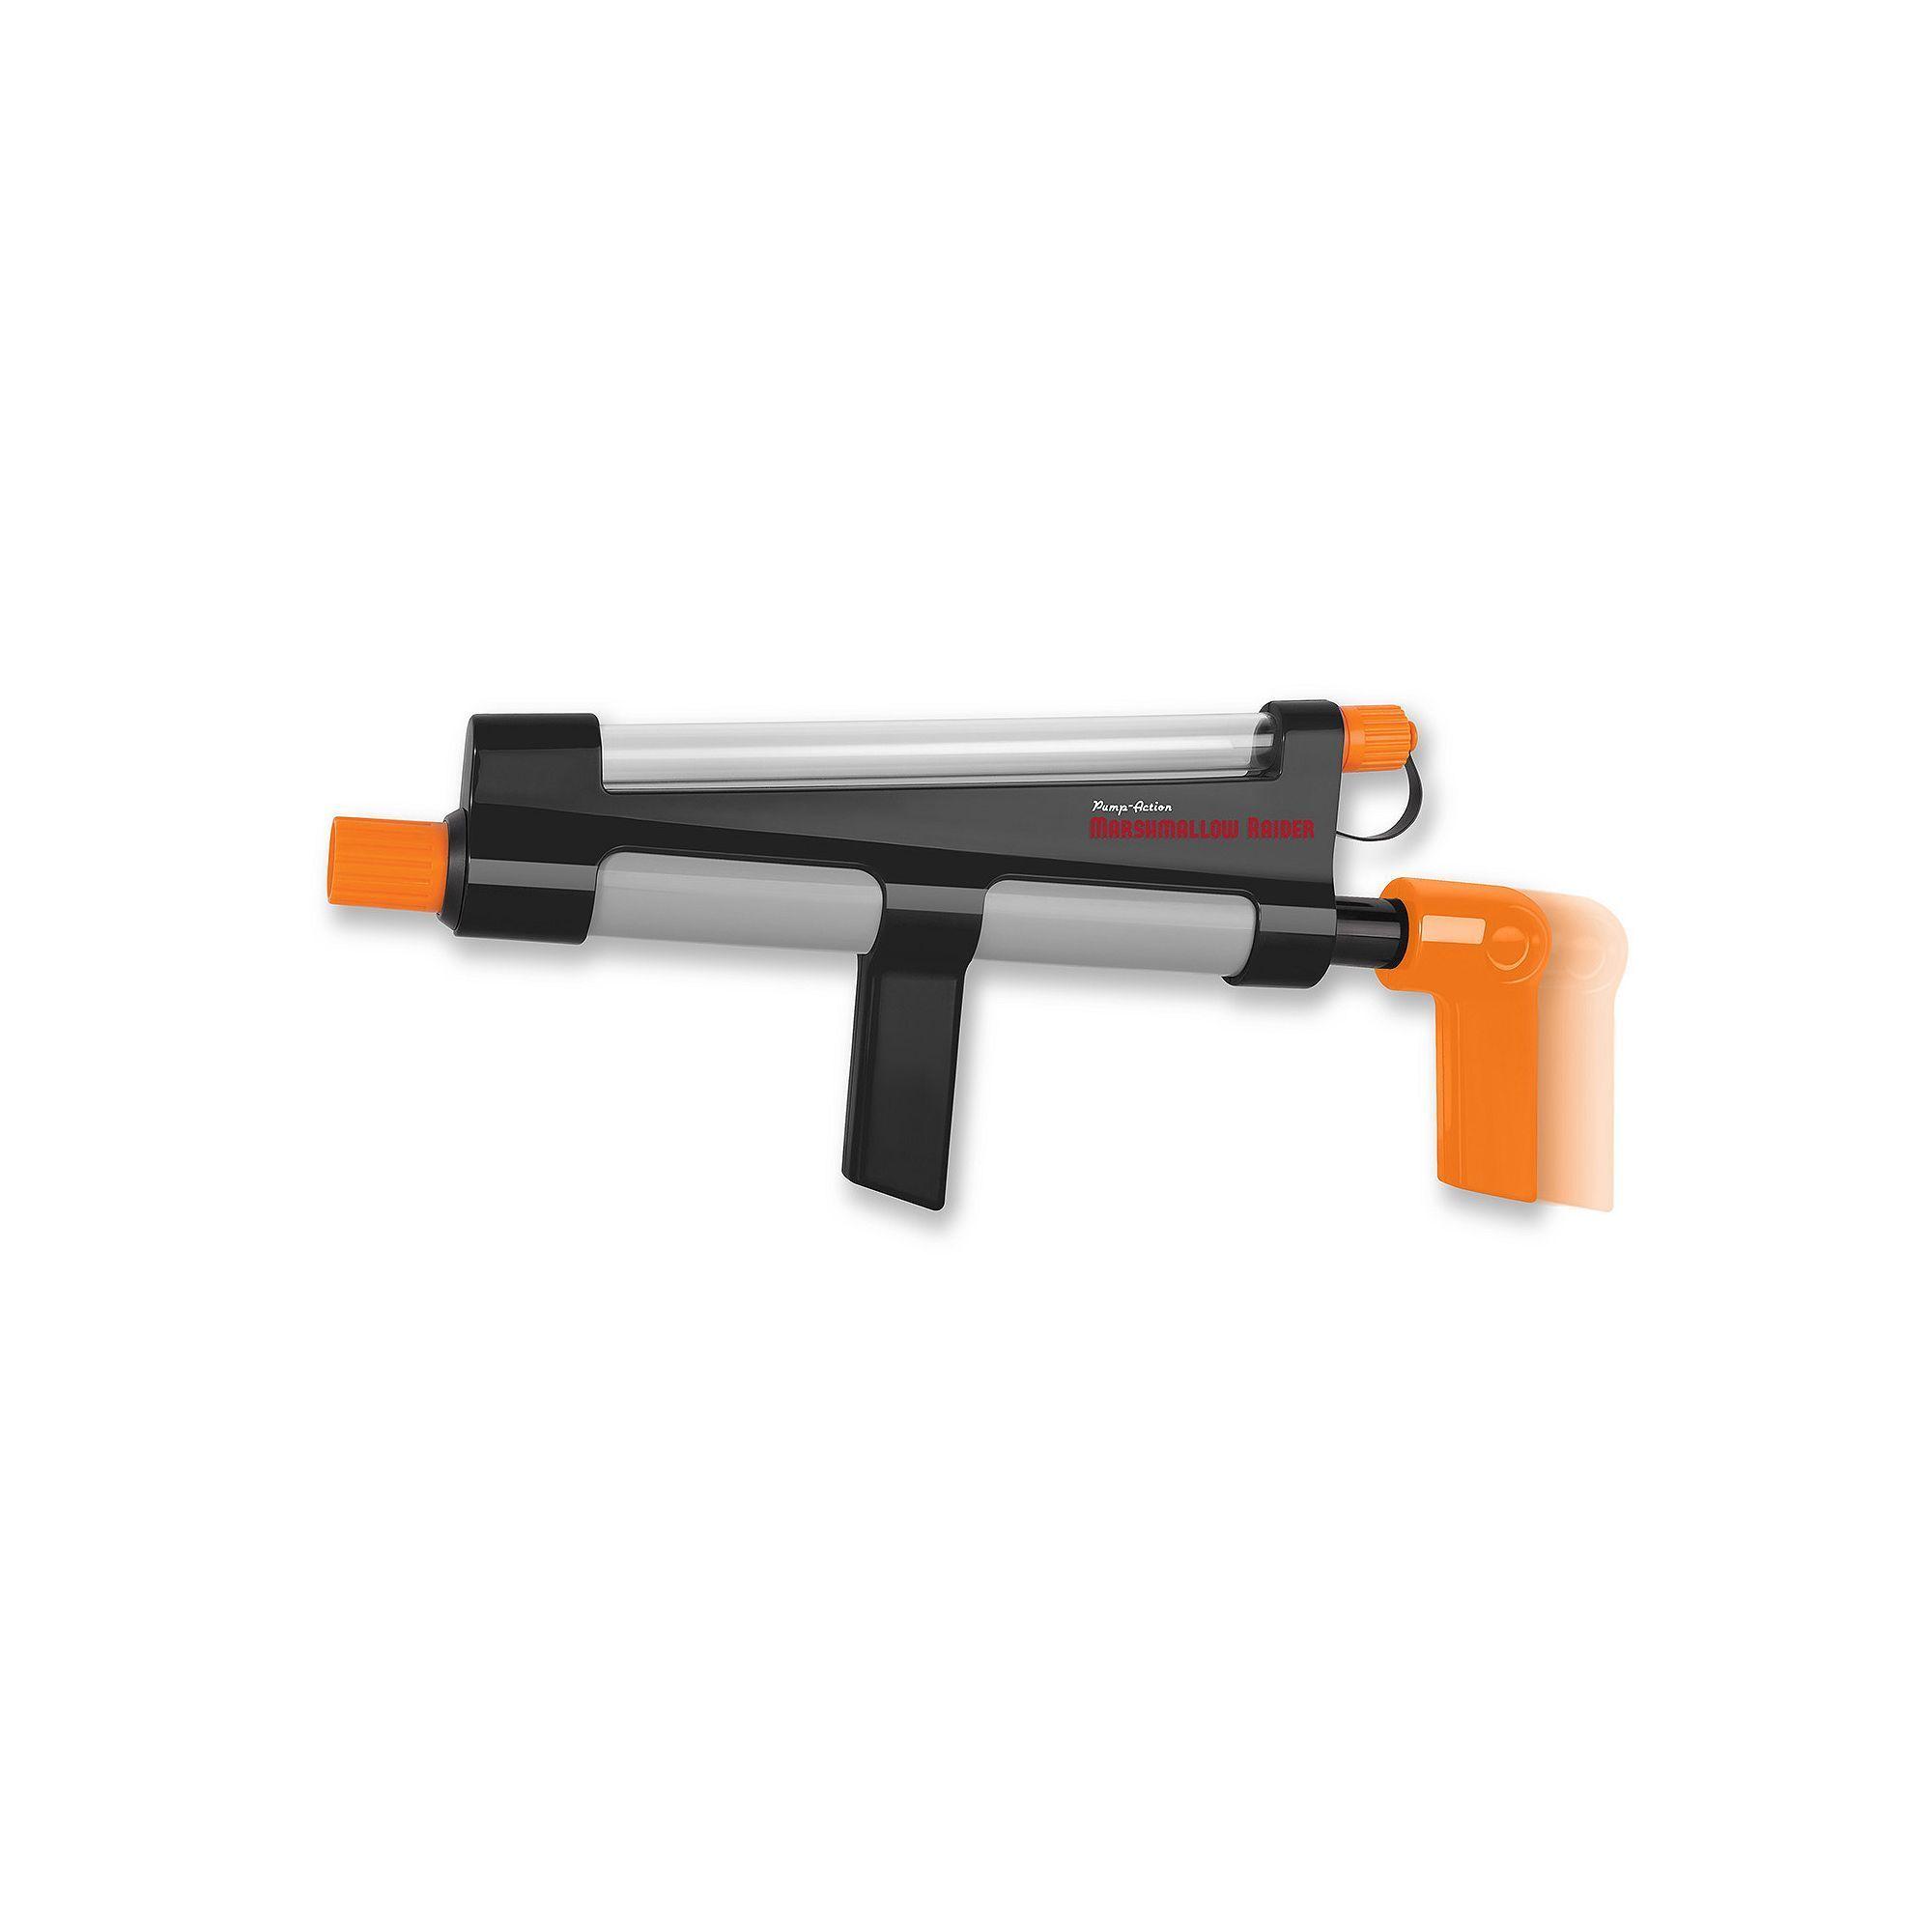 Smart Gear PumpAction Marshmallow Raider Gear pump